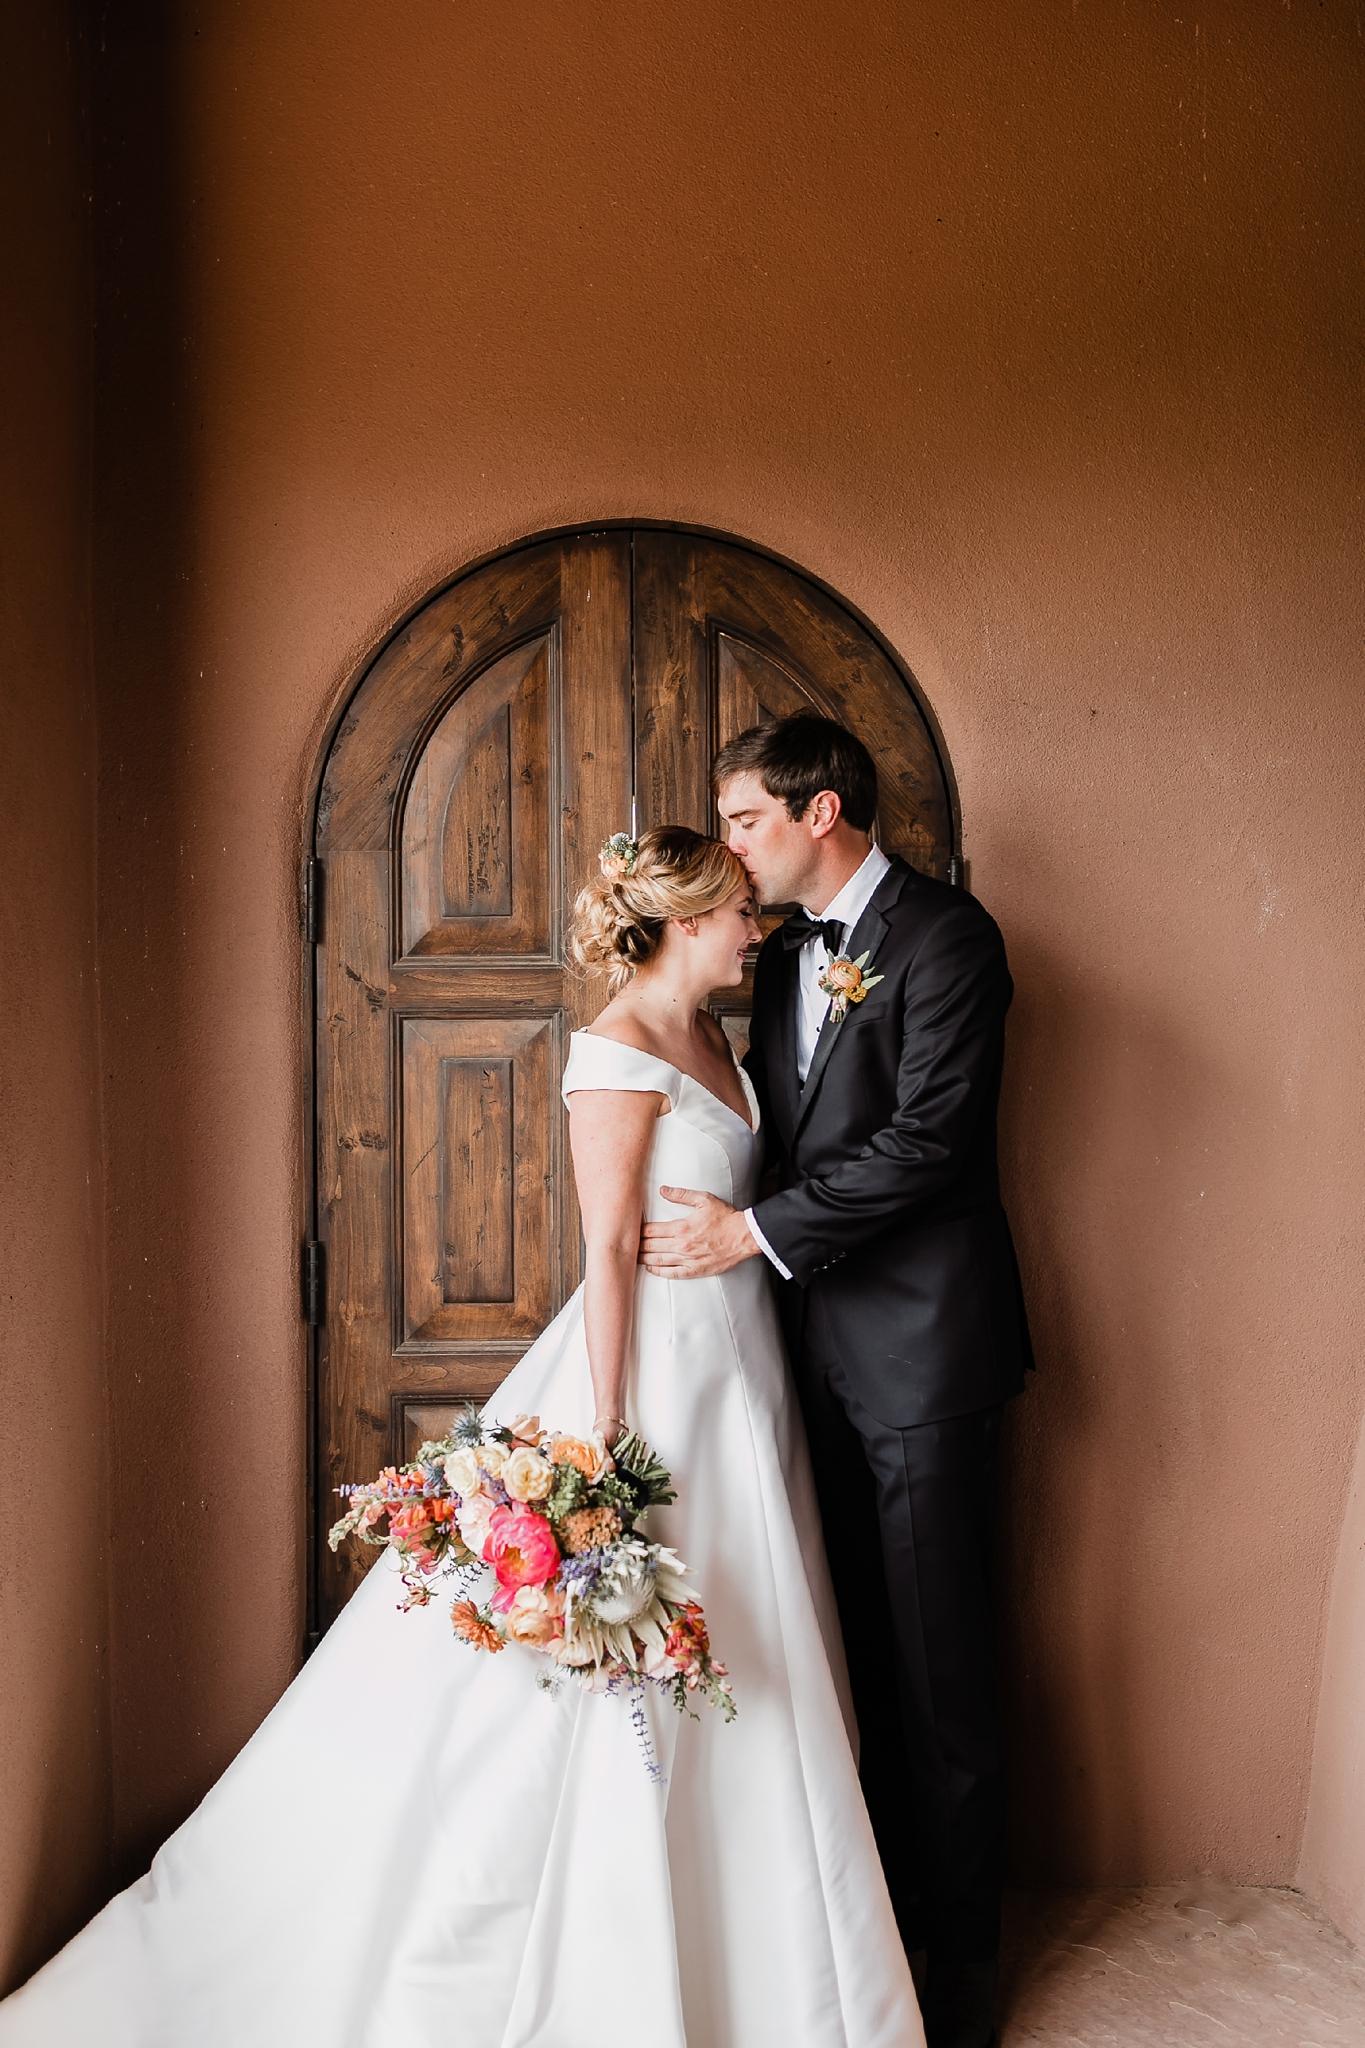 Alicia+lucia+photography+-+albuquerque+wedding+photographer+-+santa+fe+wedding+photography+-+new+mexico+wedding+photographer+-+new+mexico+wedding+-+las+campanas+wedding+-+santa+fe+wedding+-+maximalist+wedding+-+destination+wedding_0082.jpg